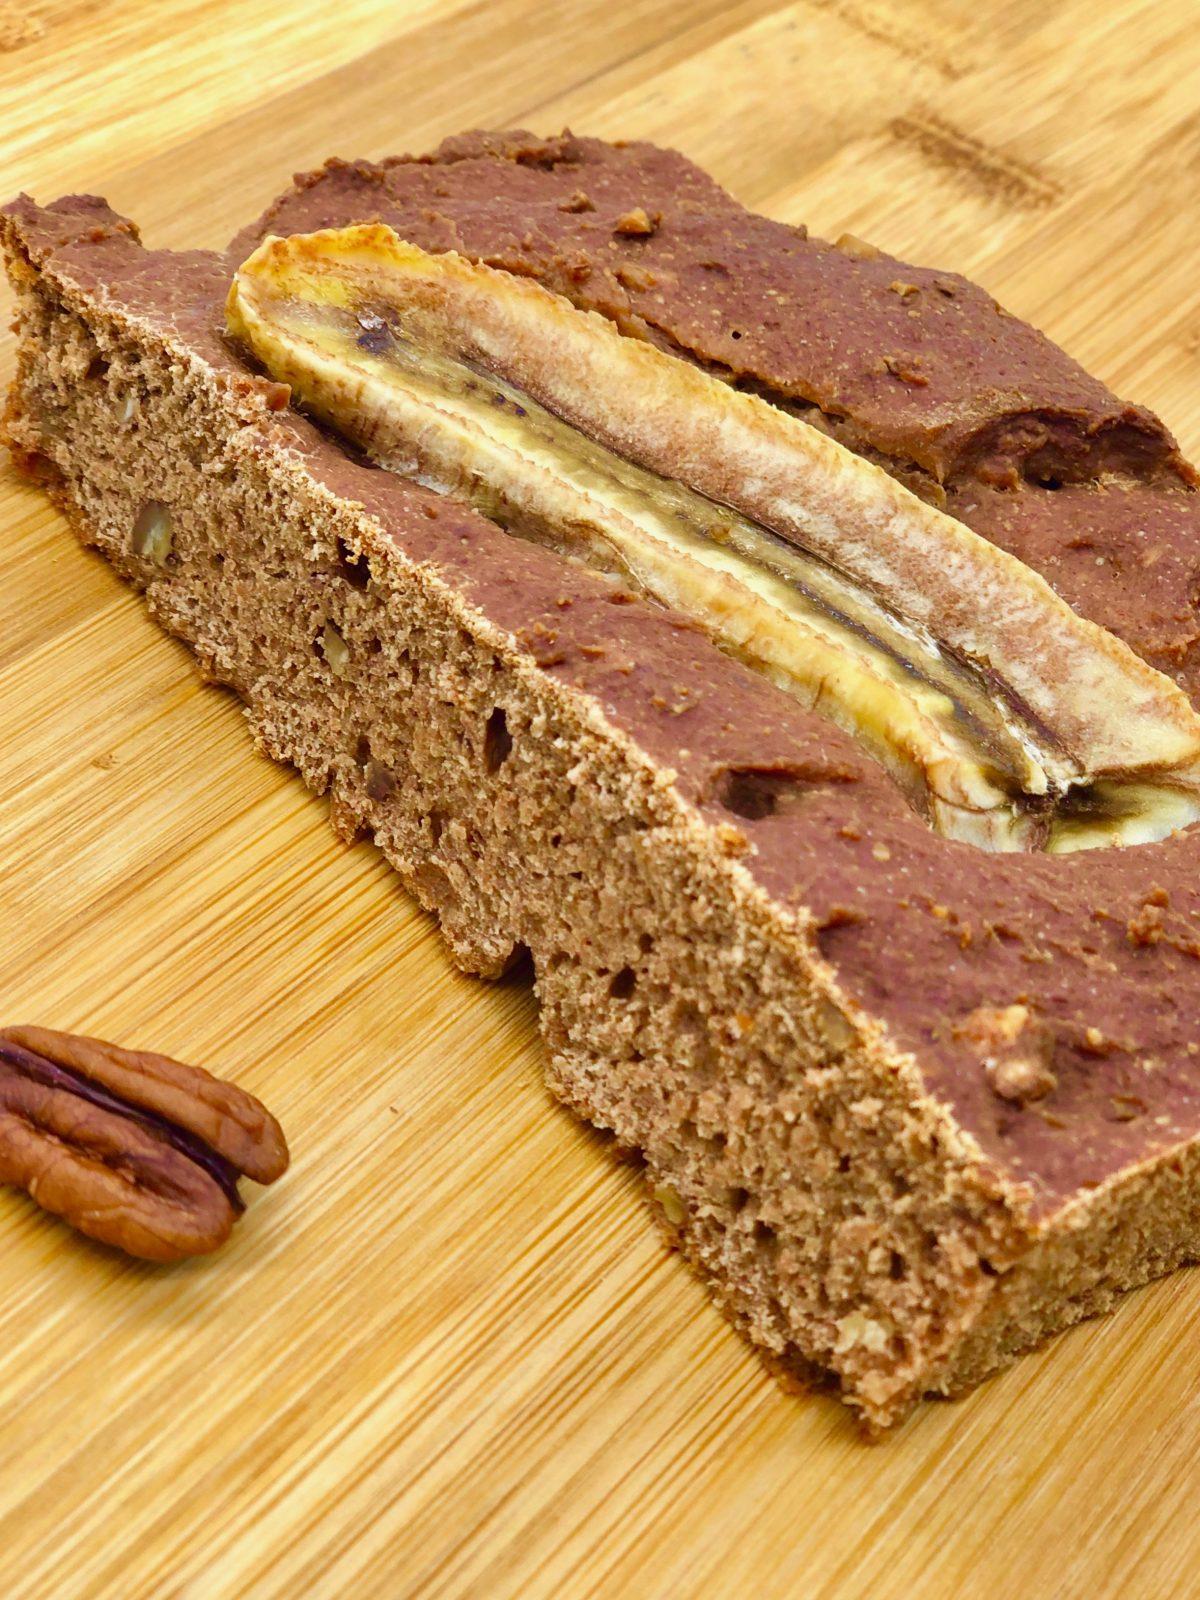 Bananenbrot als Snack zwischendurch - ohne Zucker